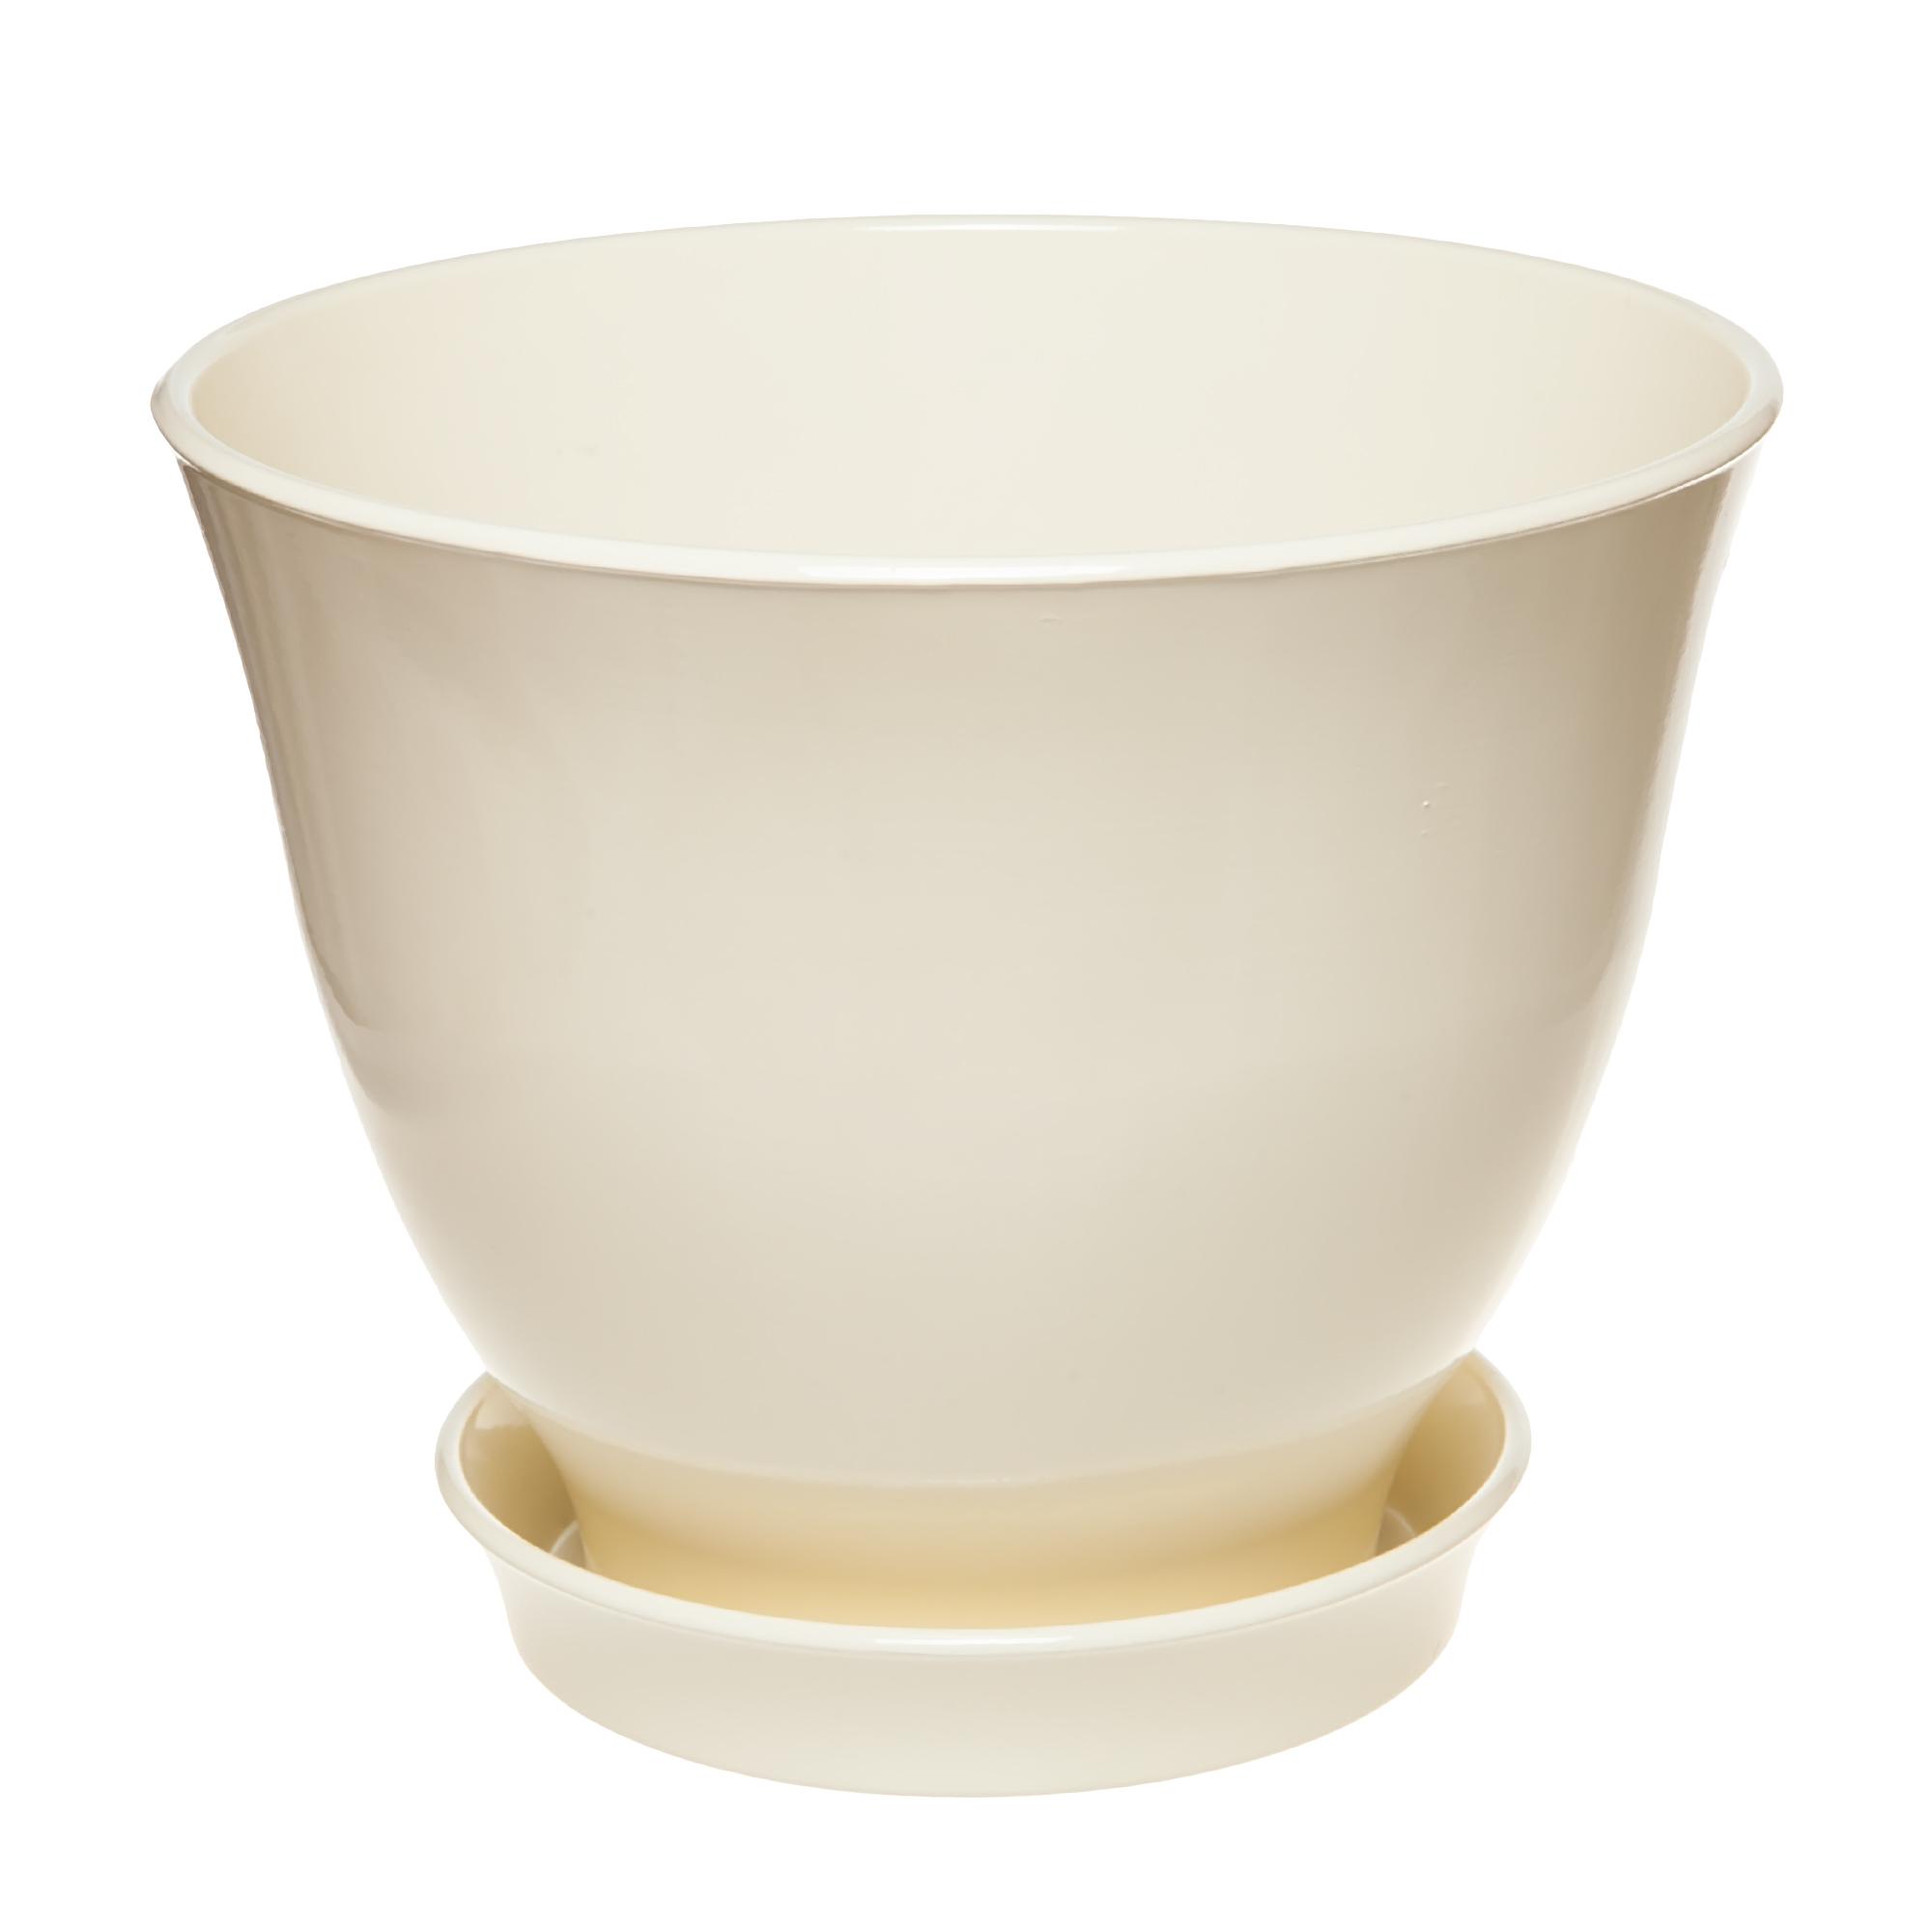 Горшок Элитная керамика Ксения глянец молочный 21 см